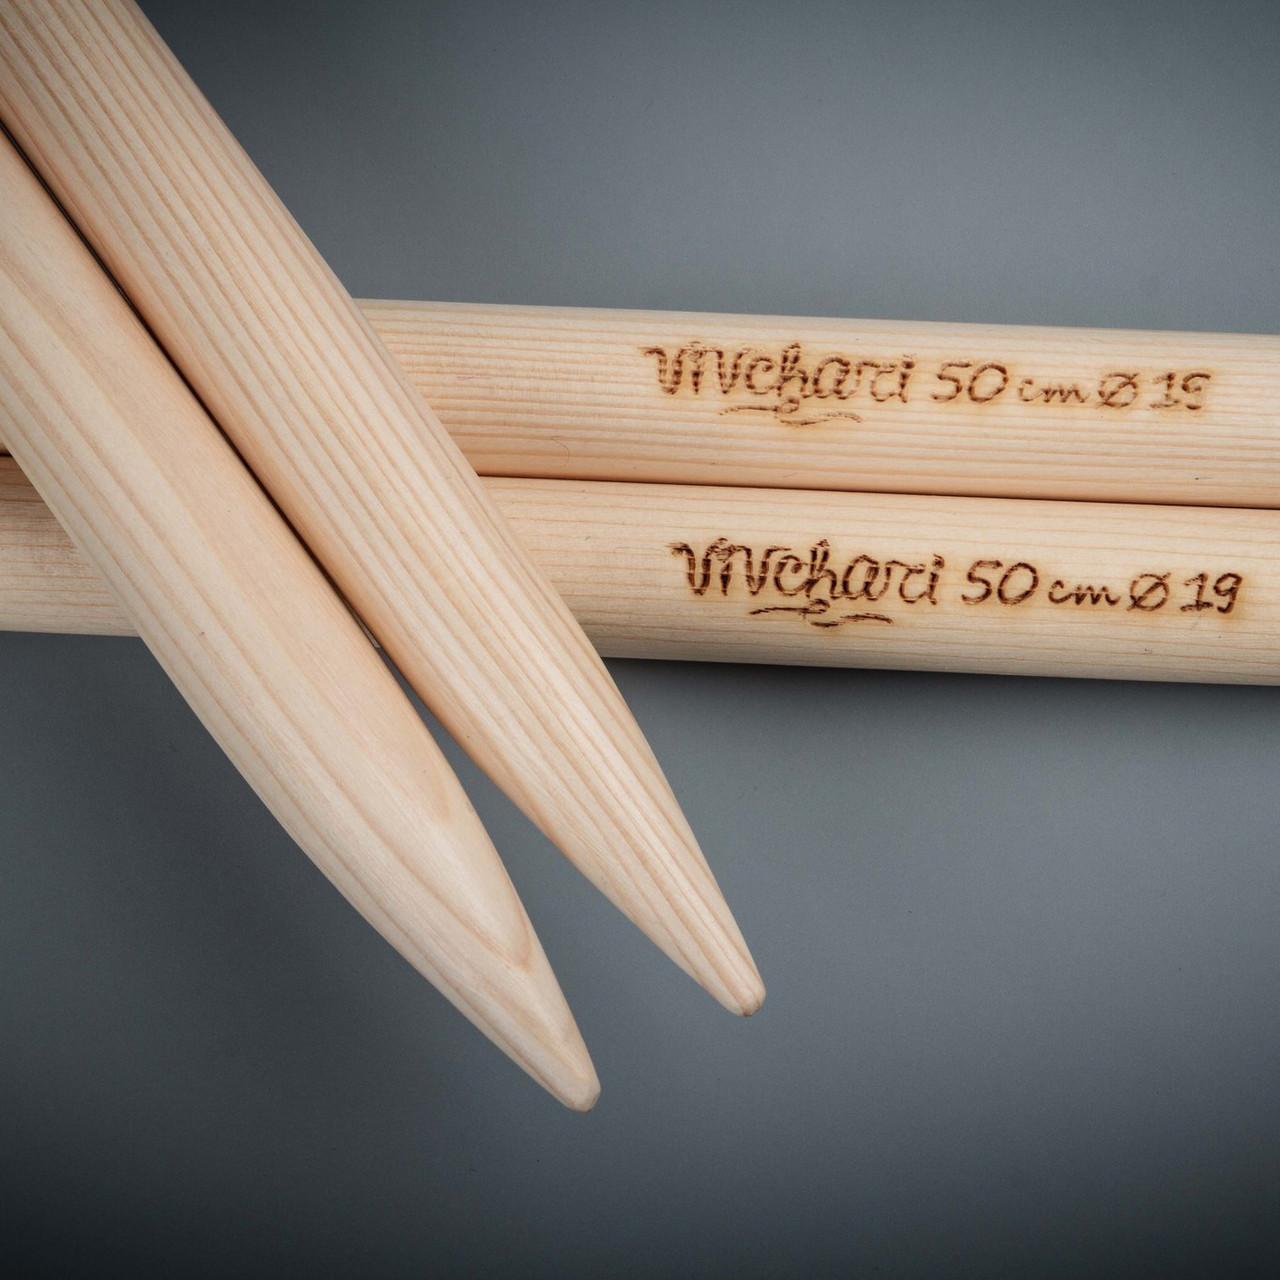 толстые спицы для вязания 20 мм 50 см тм Vivchari цена 175 грн